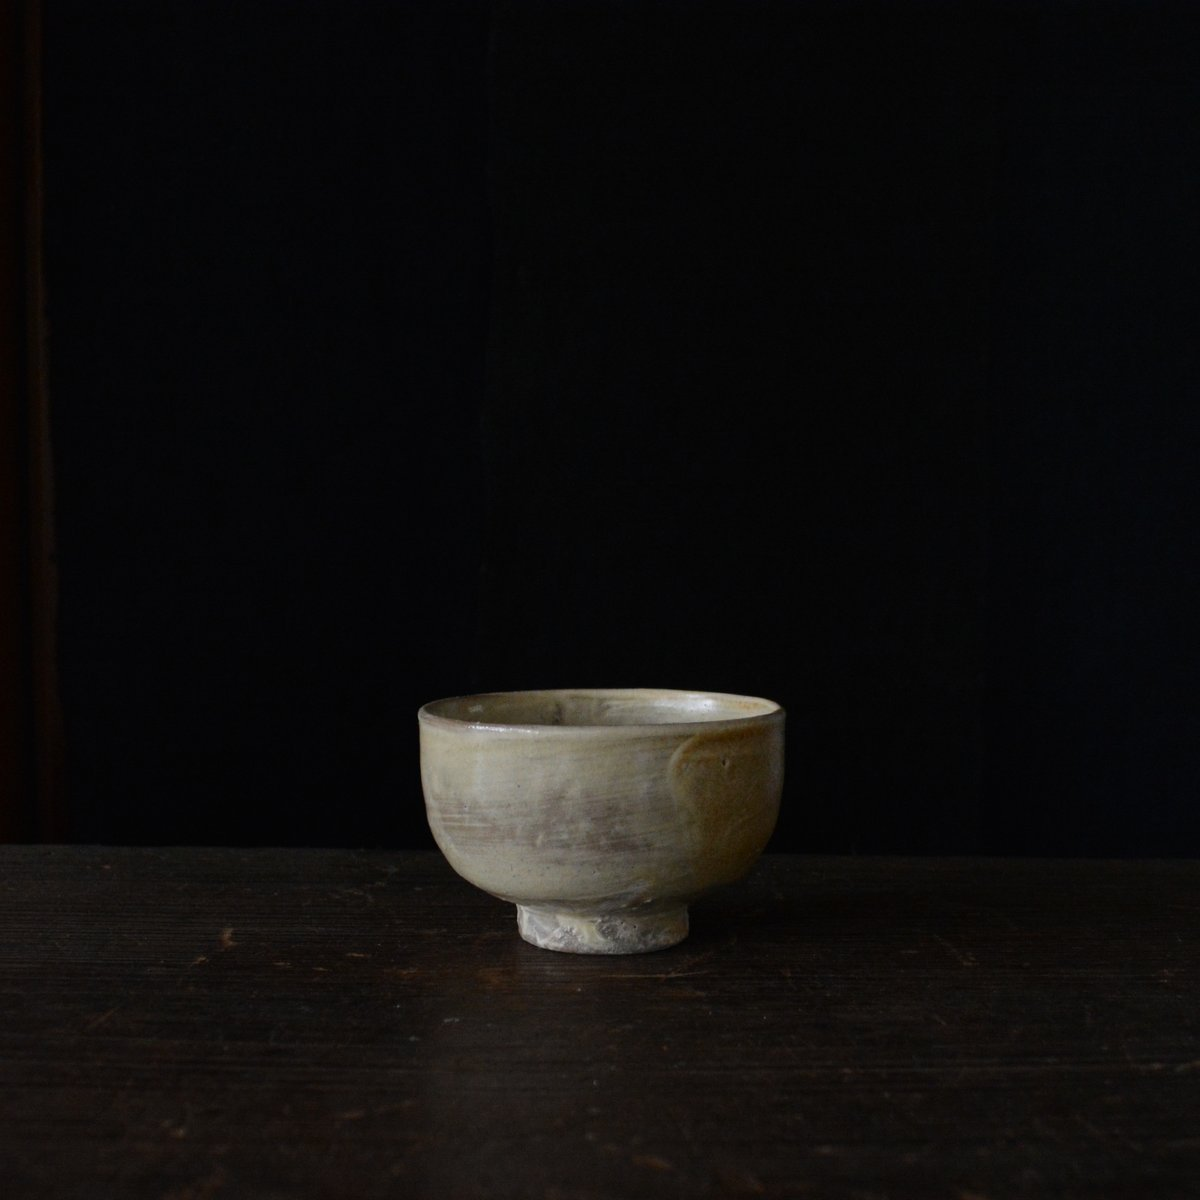 「山本亮平・ゆき 展 白瓷考」 4/7(土)より_d0087761_1843044.jpg